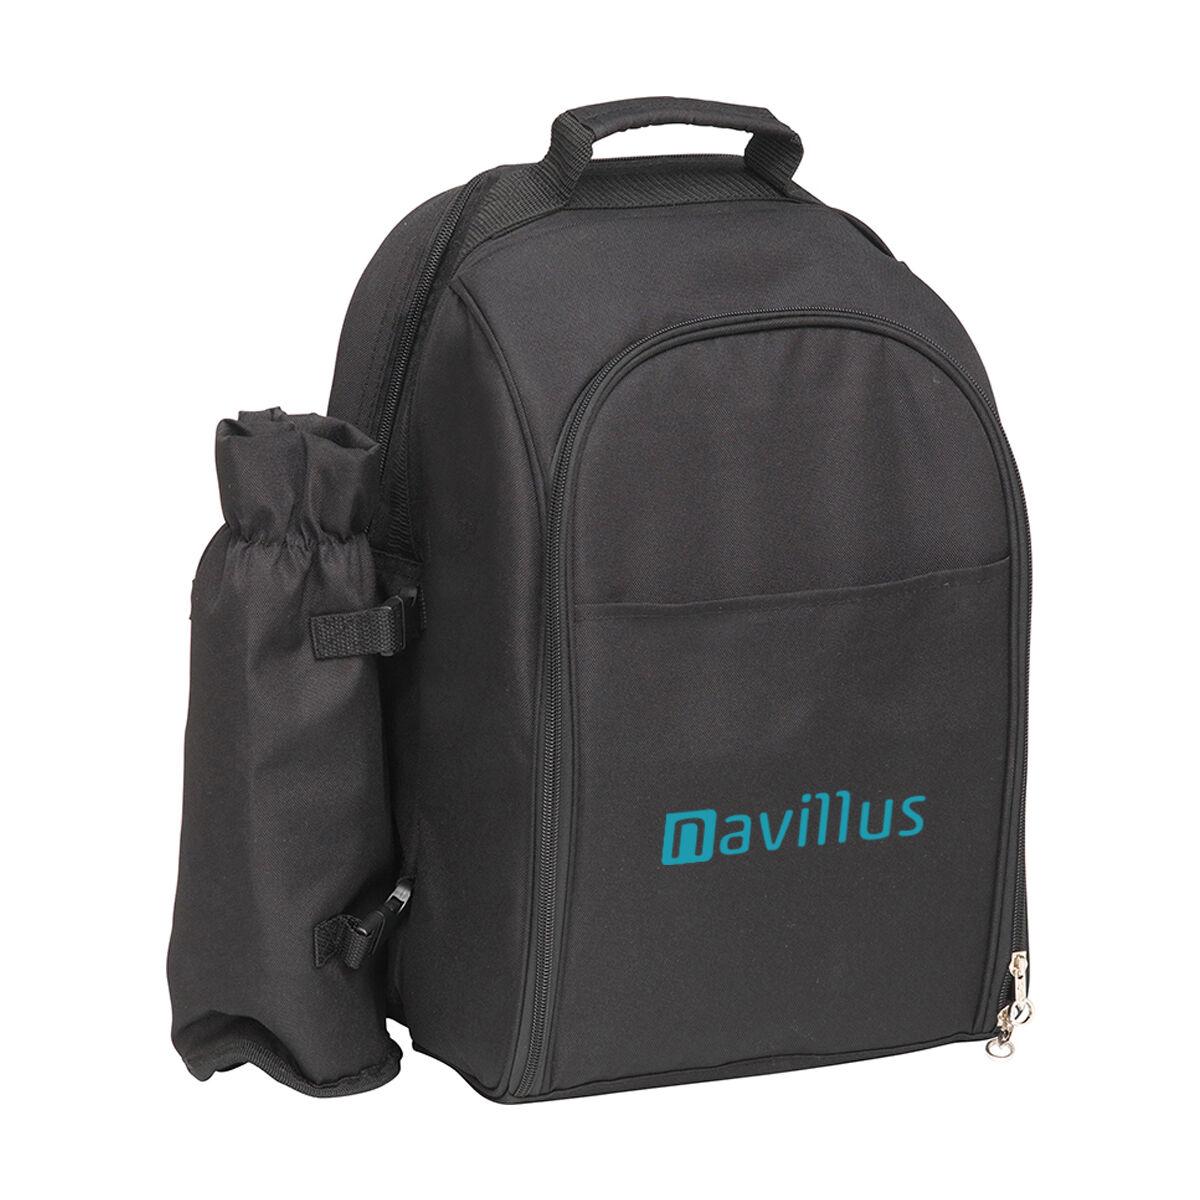 Picnic & Cooler Backpack